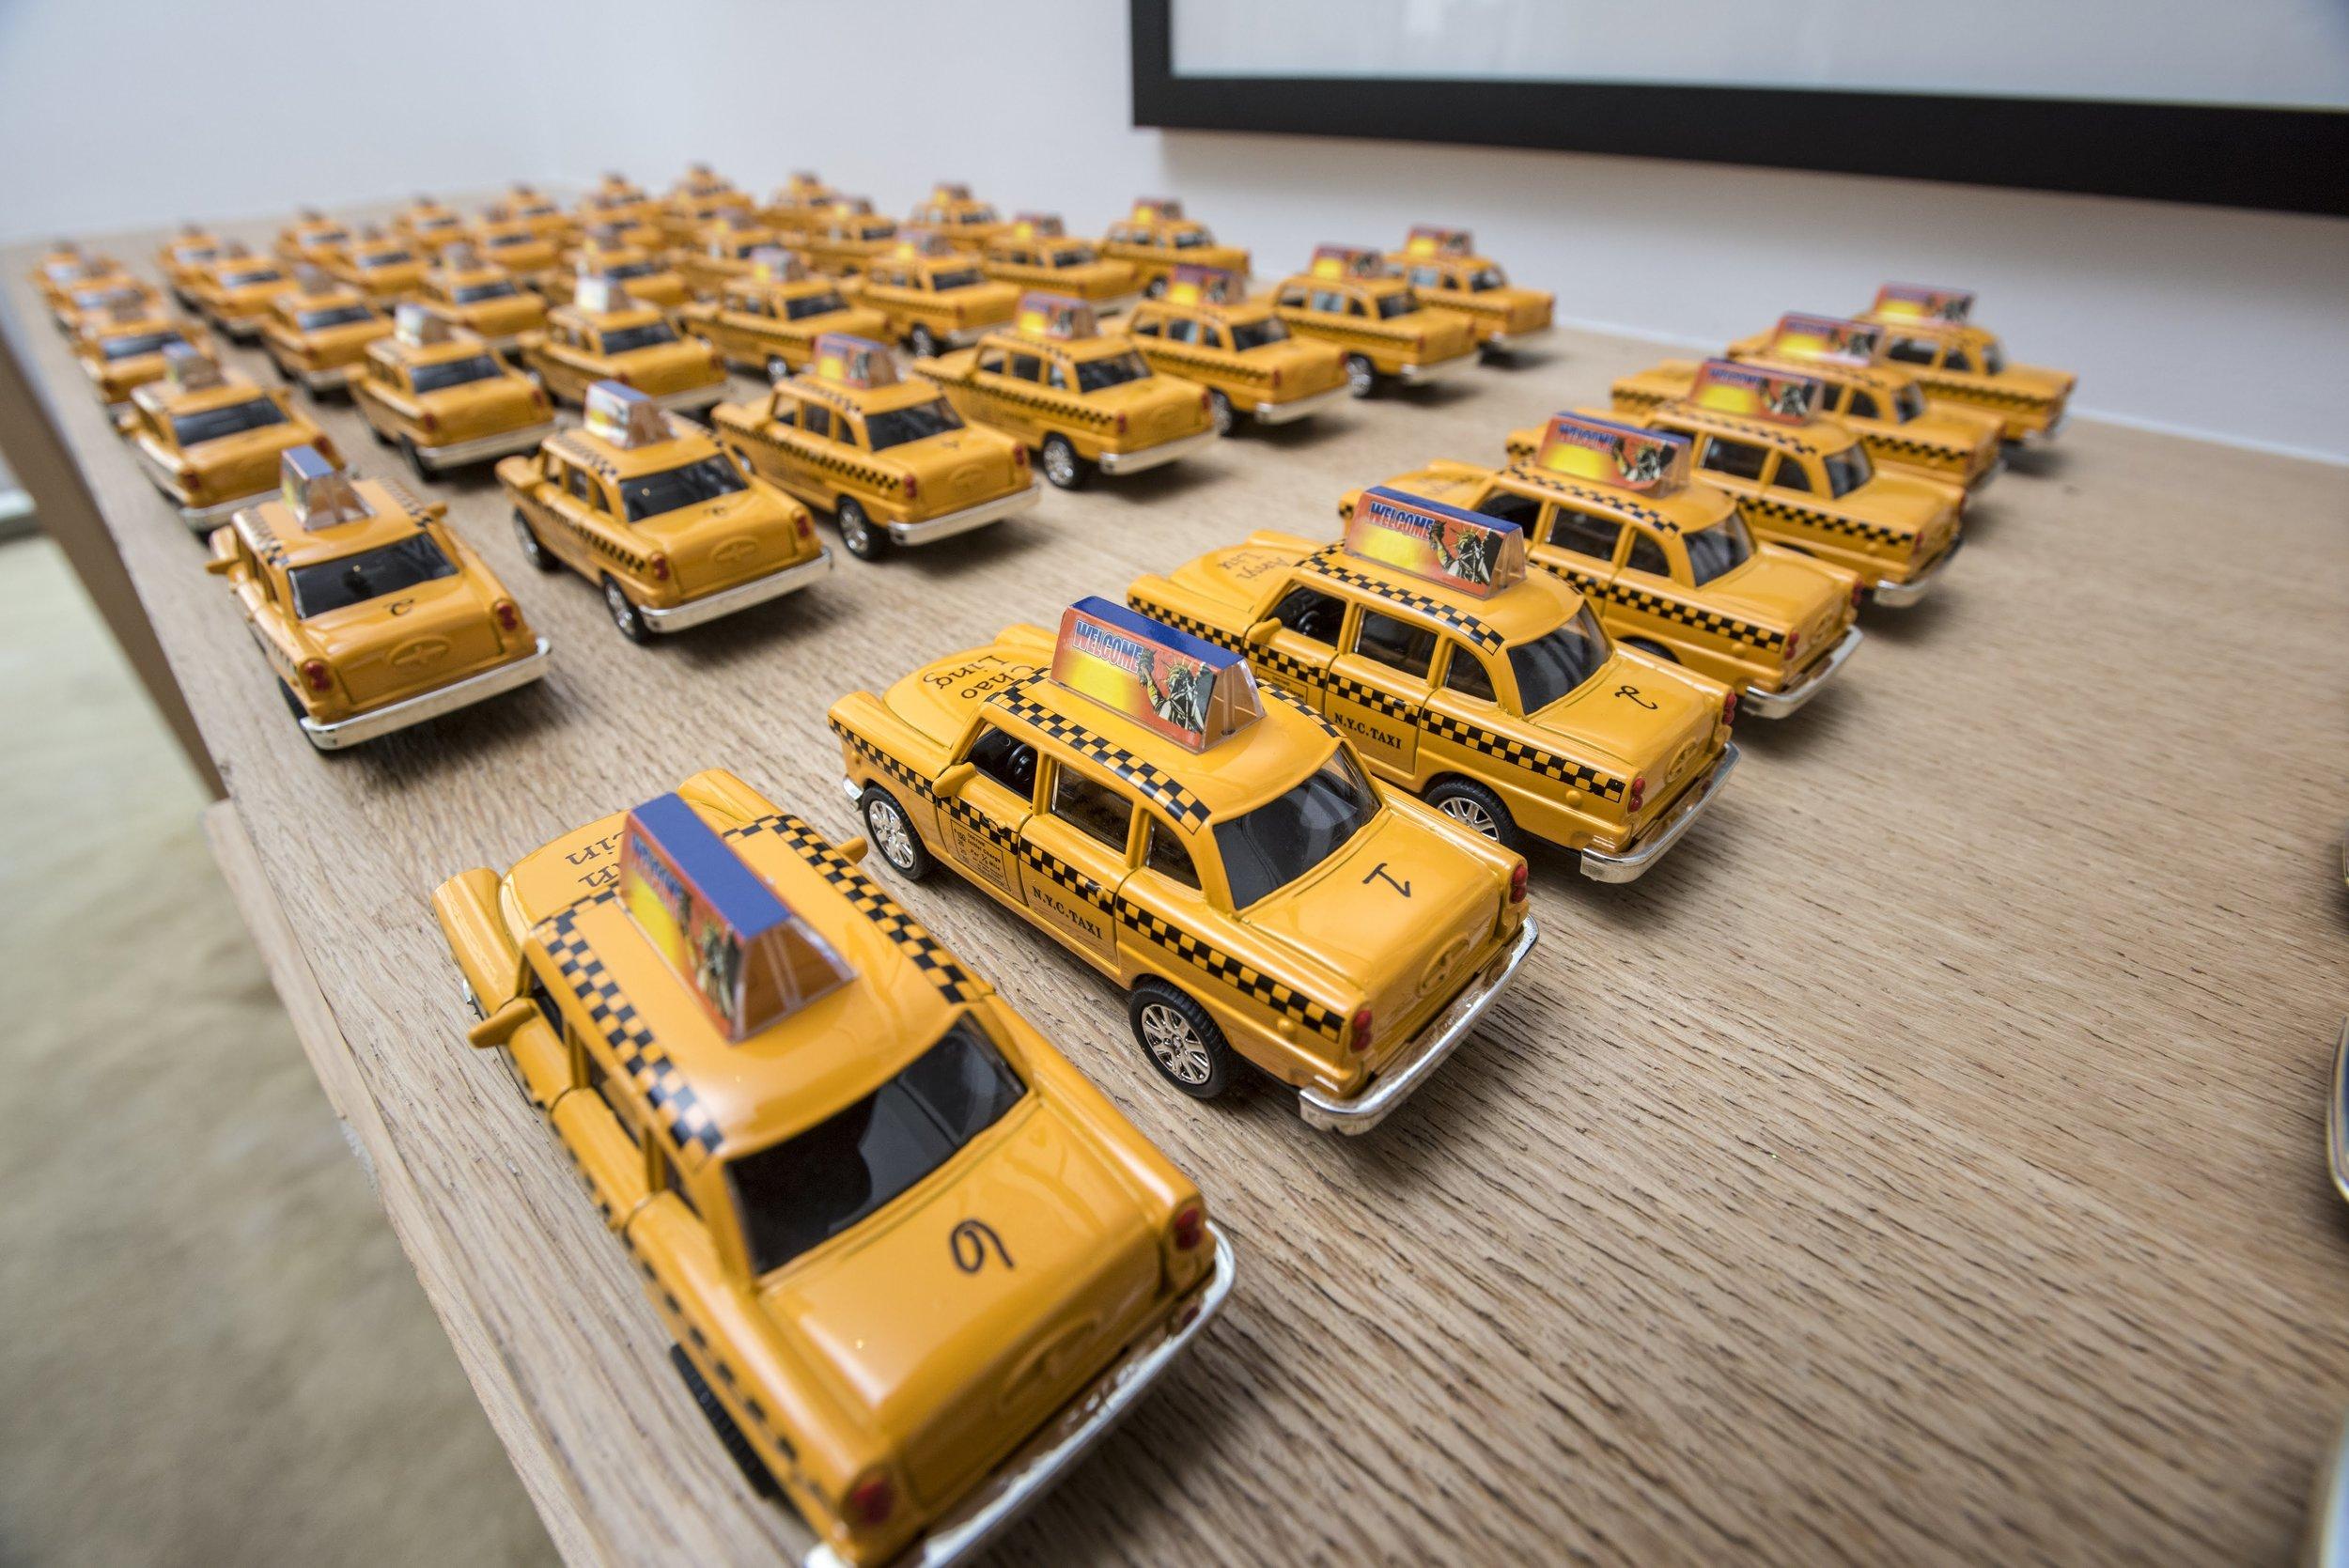 Taxi cab escort cards